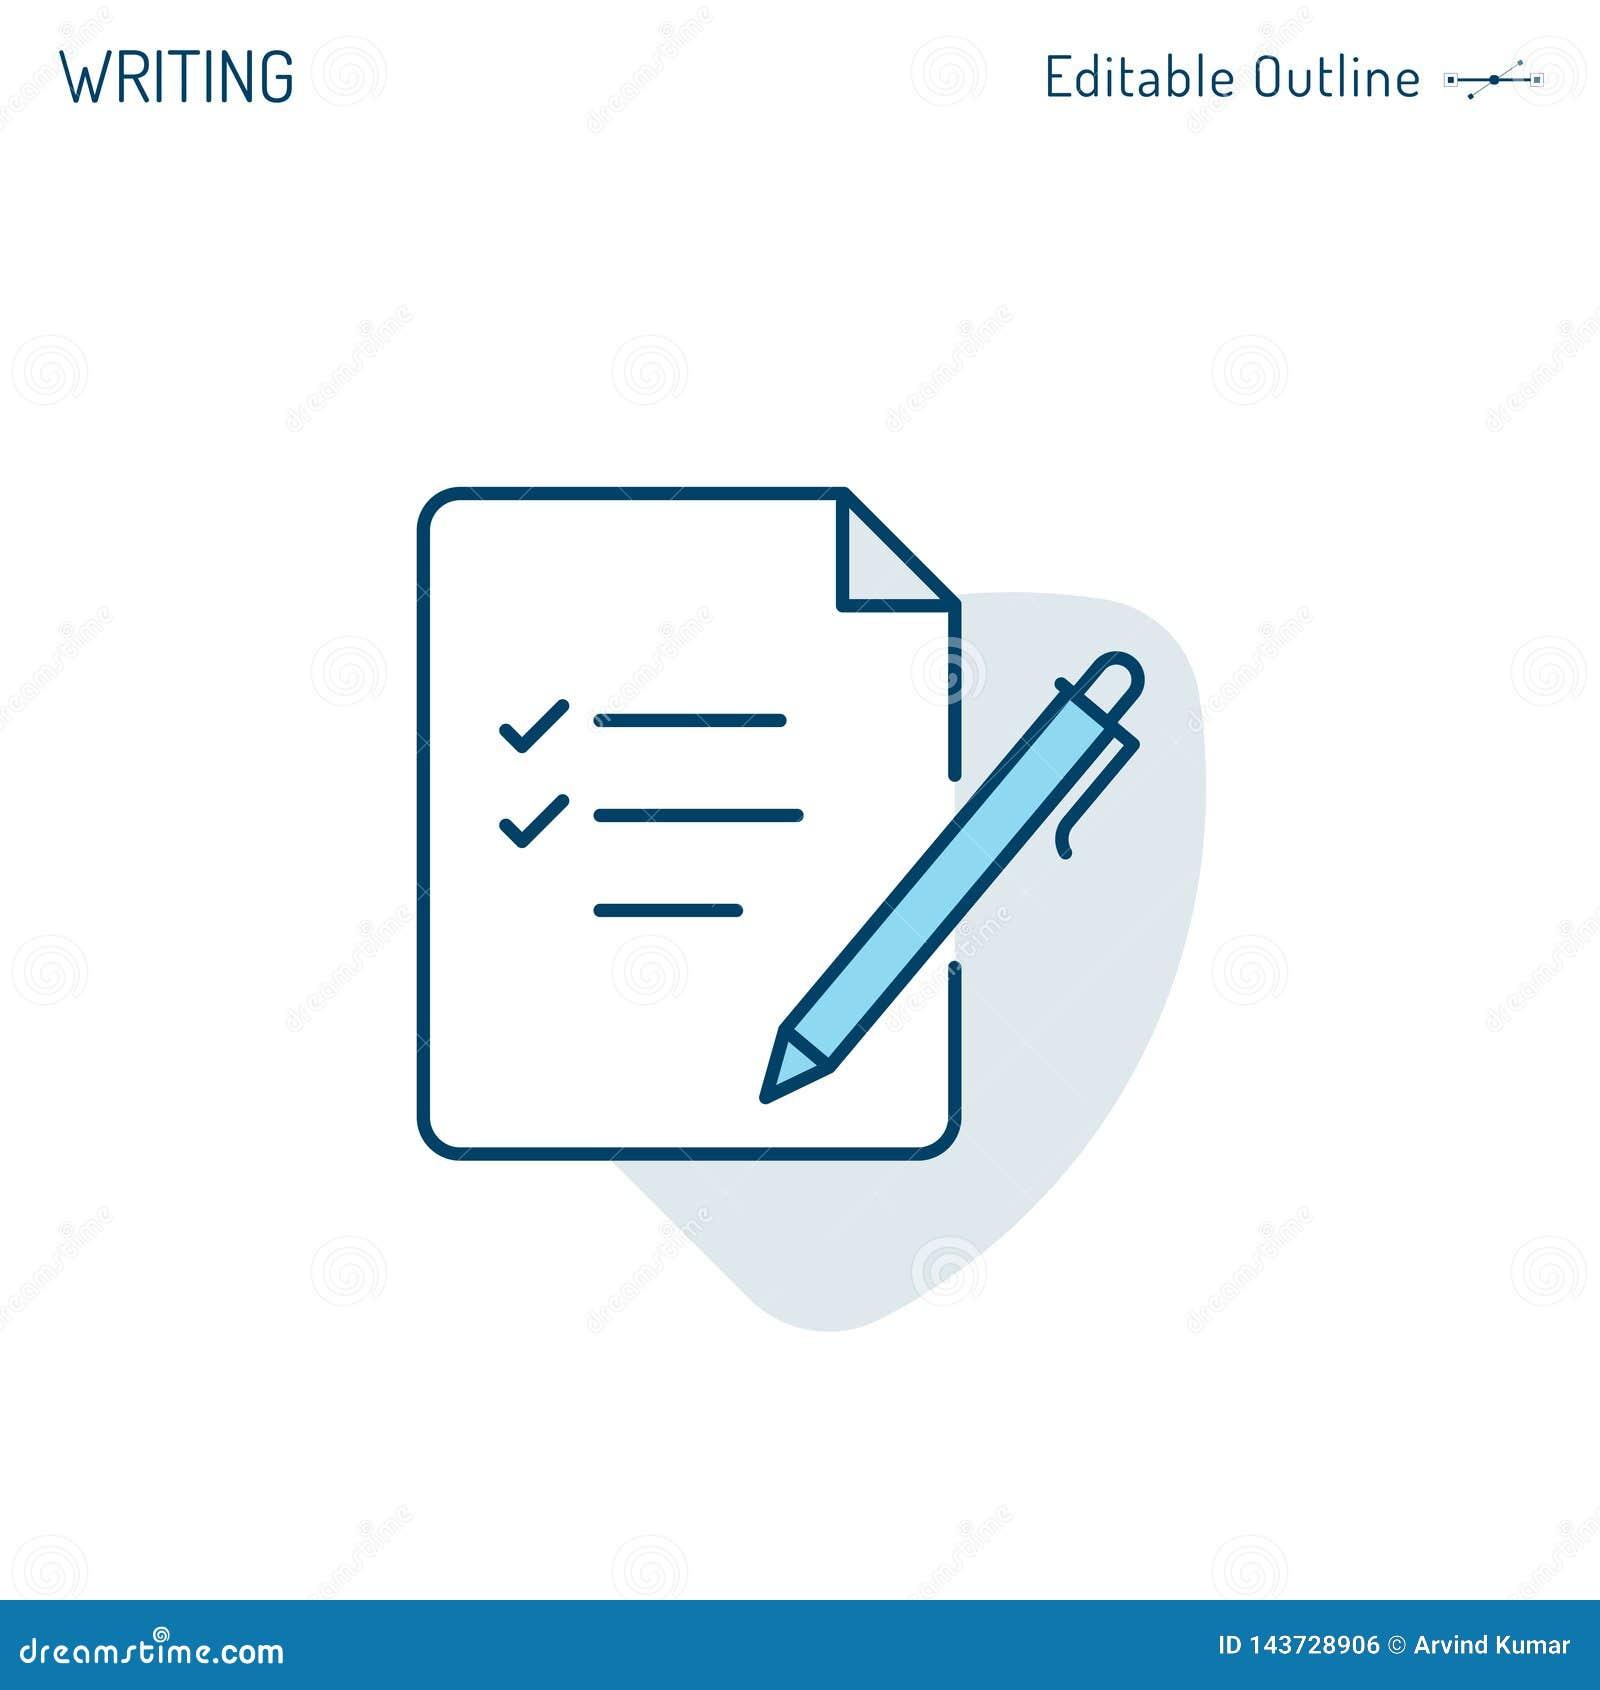 Icono de la libreta, icono de la escritura, del fichero, pluma y papel, documento de negocio de firma, lista de control, ficheros